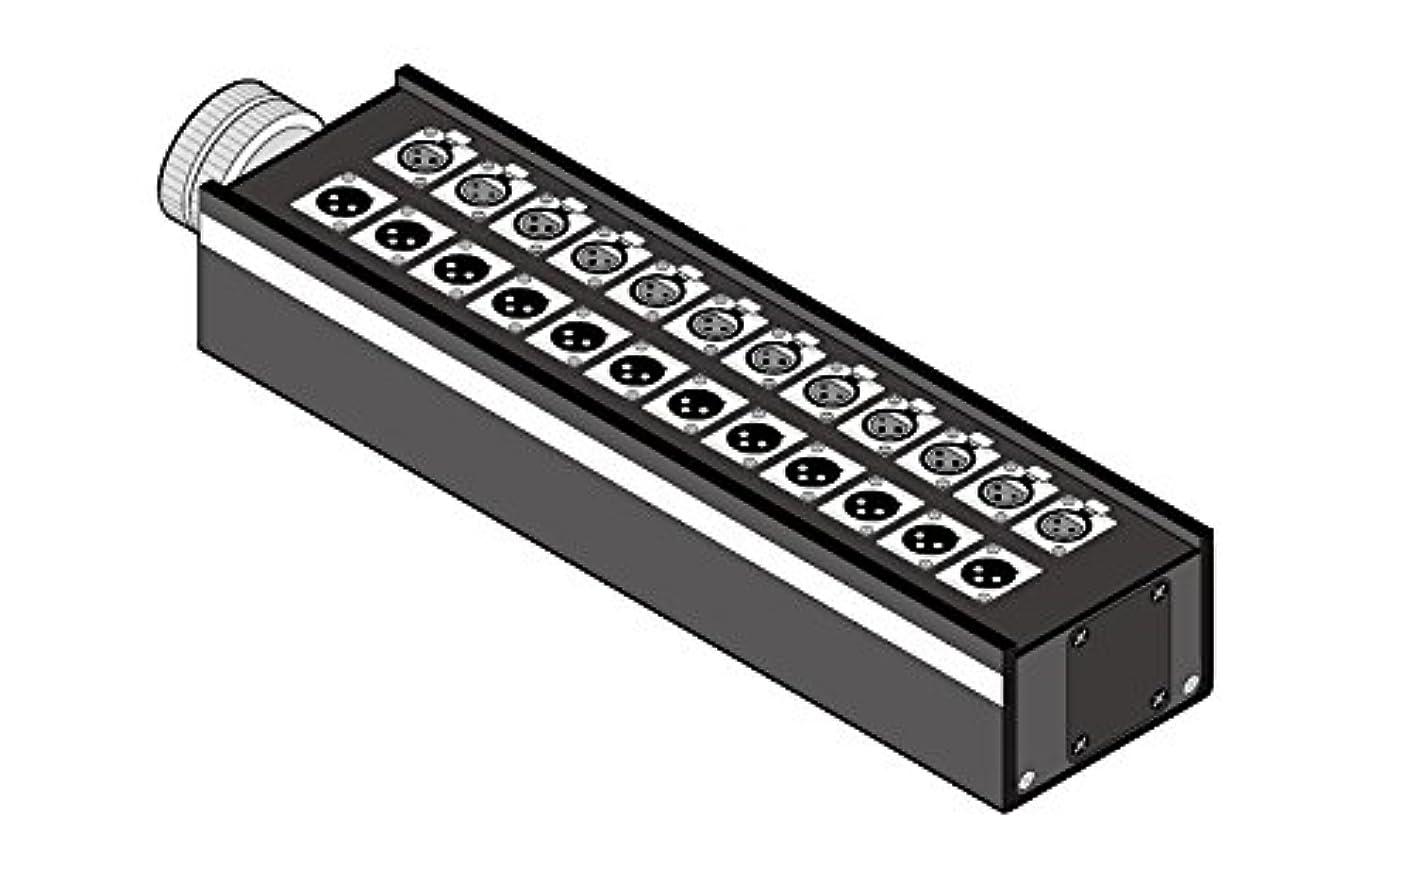 種類間違いなく起きている12J12N1 (CANARE) コネクタボックス 12ch パラボックス